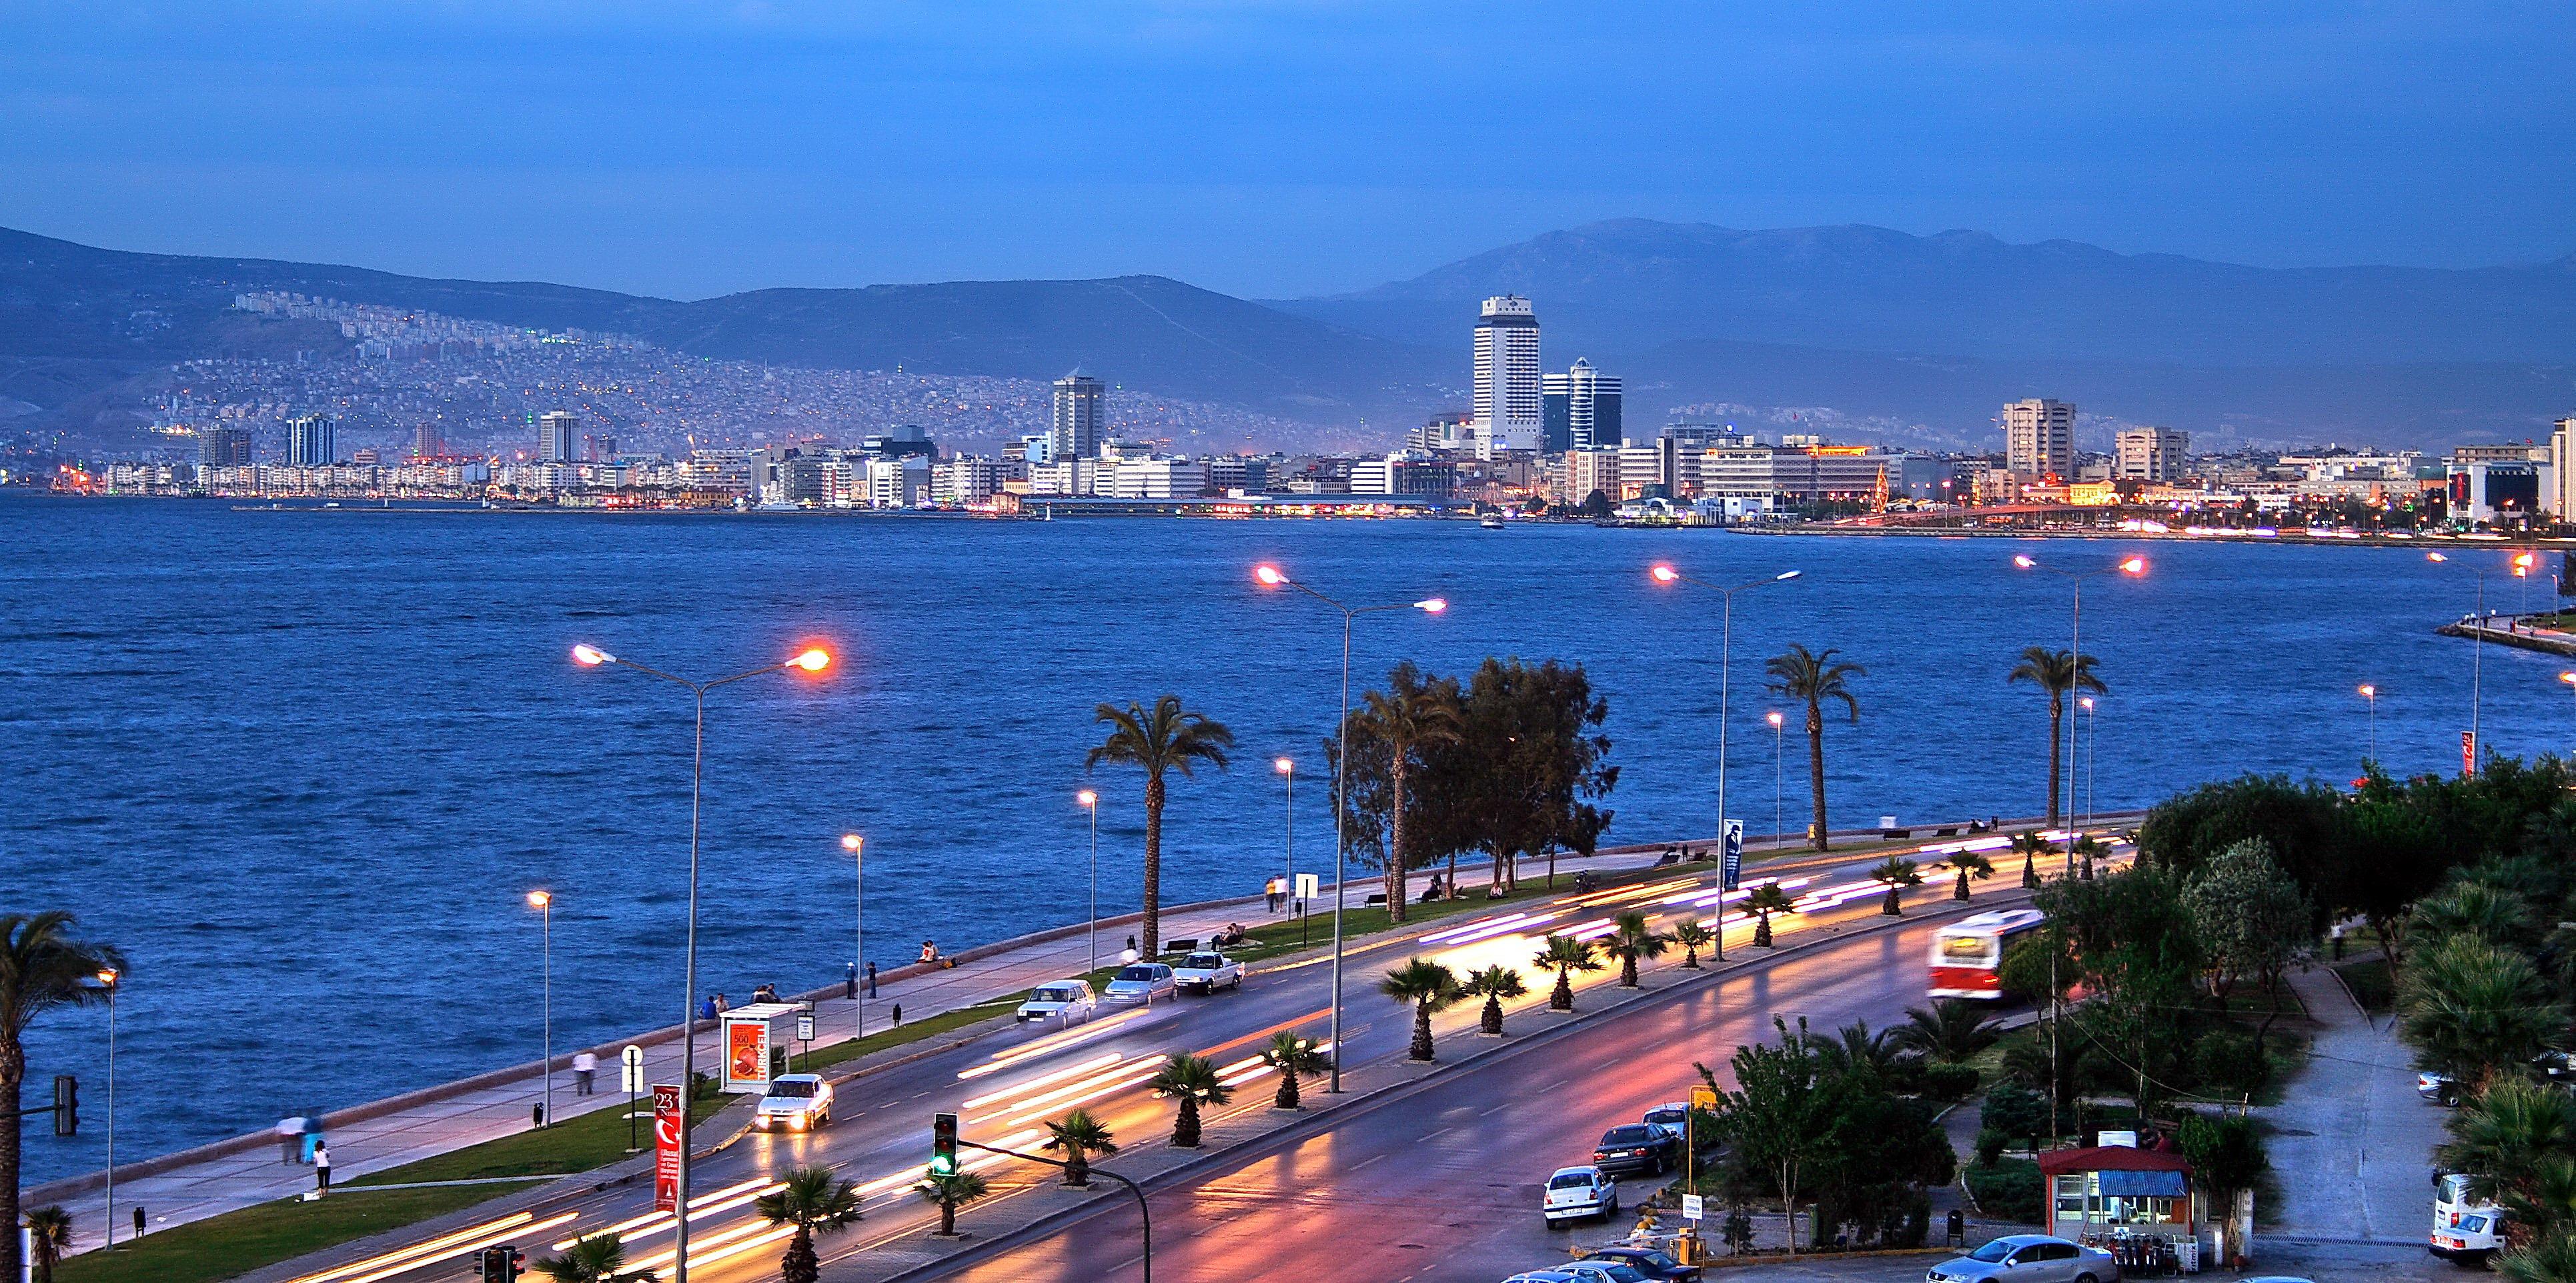 مدينة ازمير تركيا